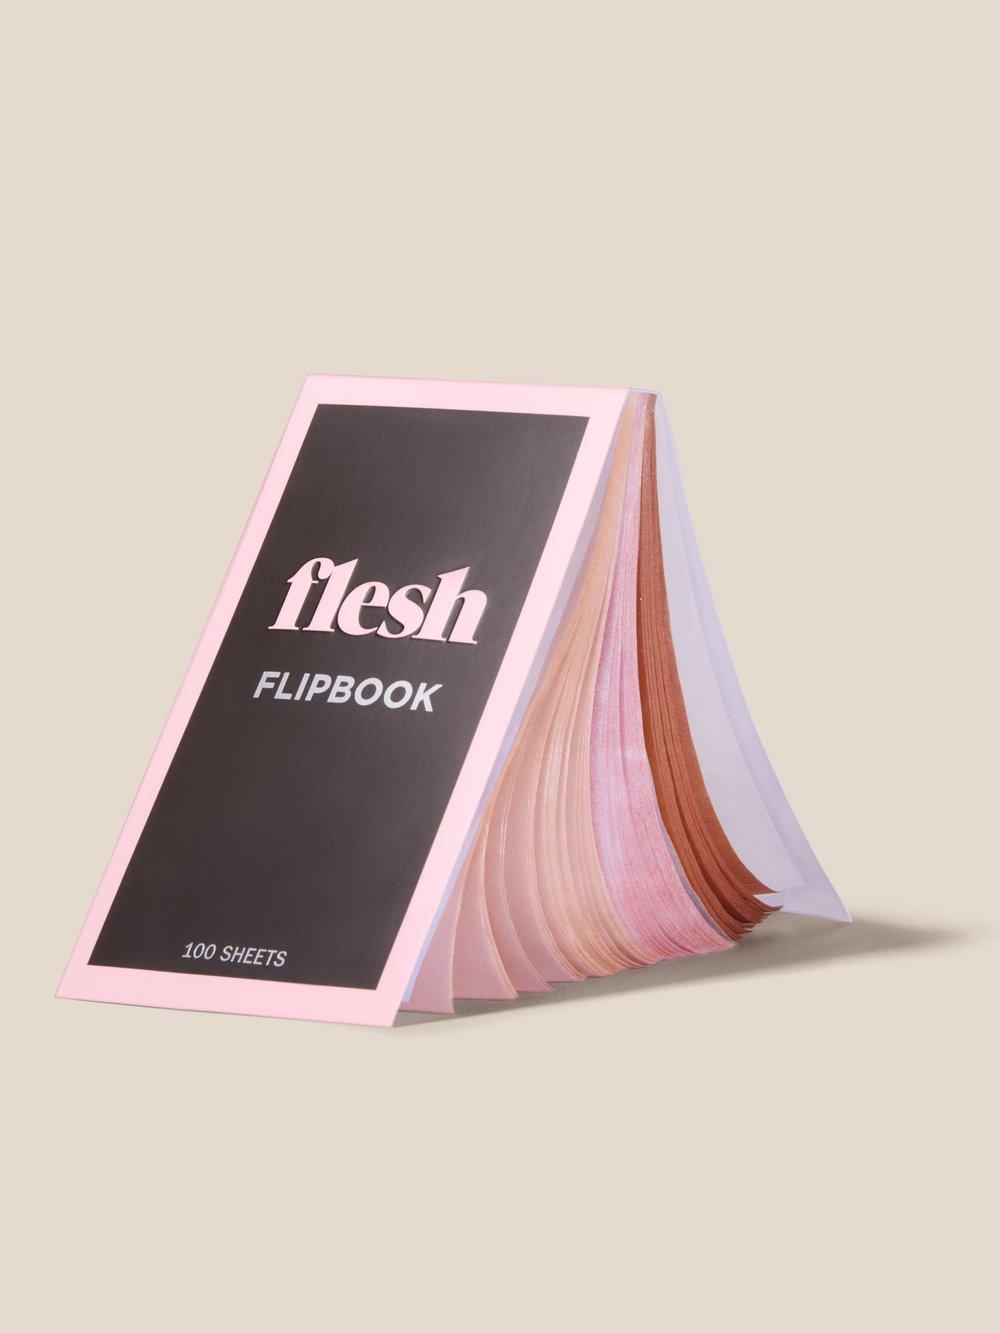 Flesh Flipbook.jpg